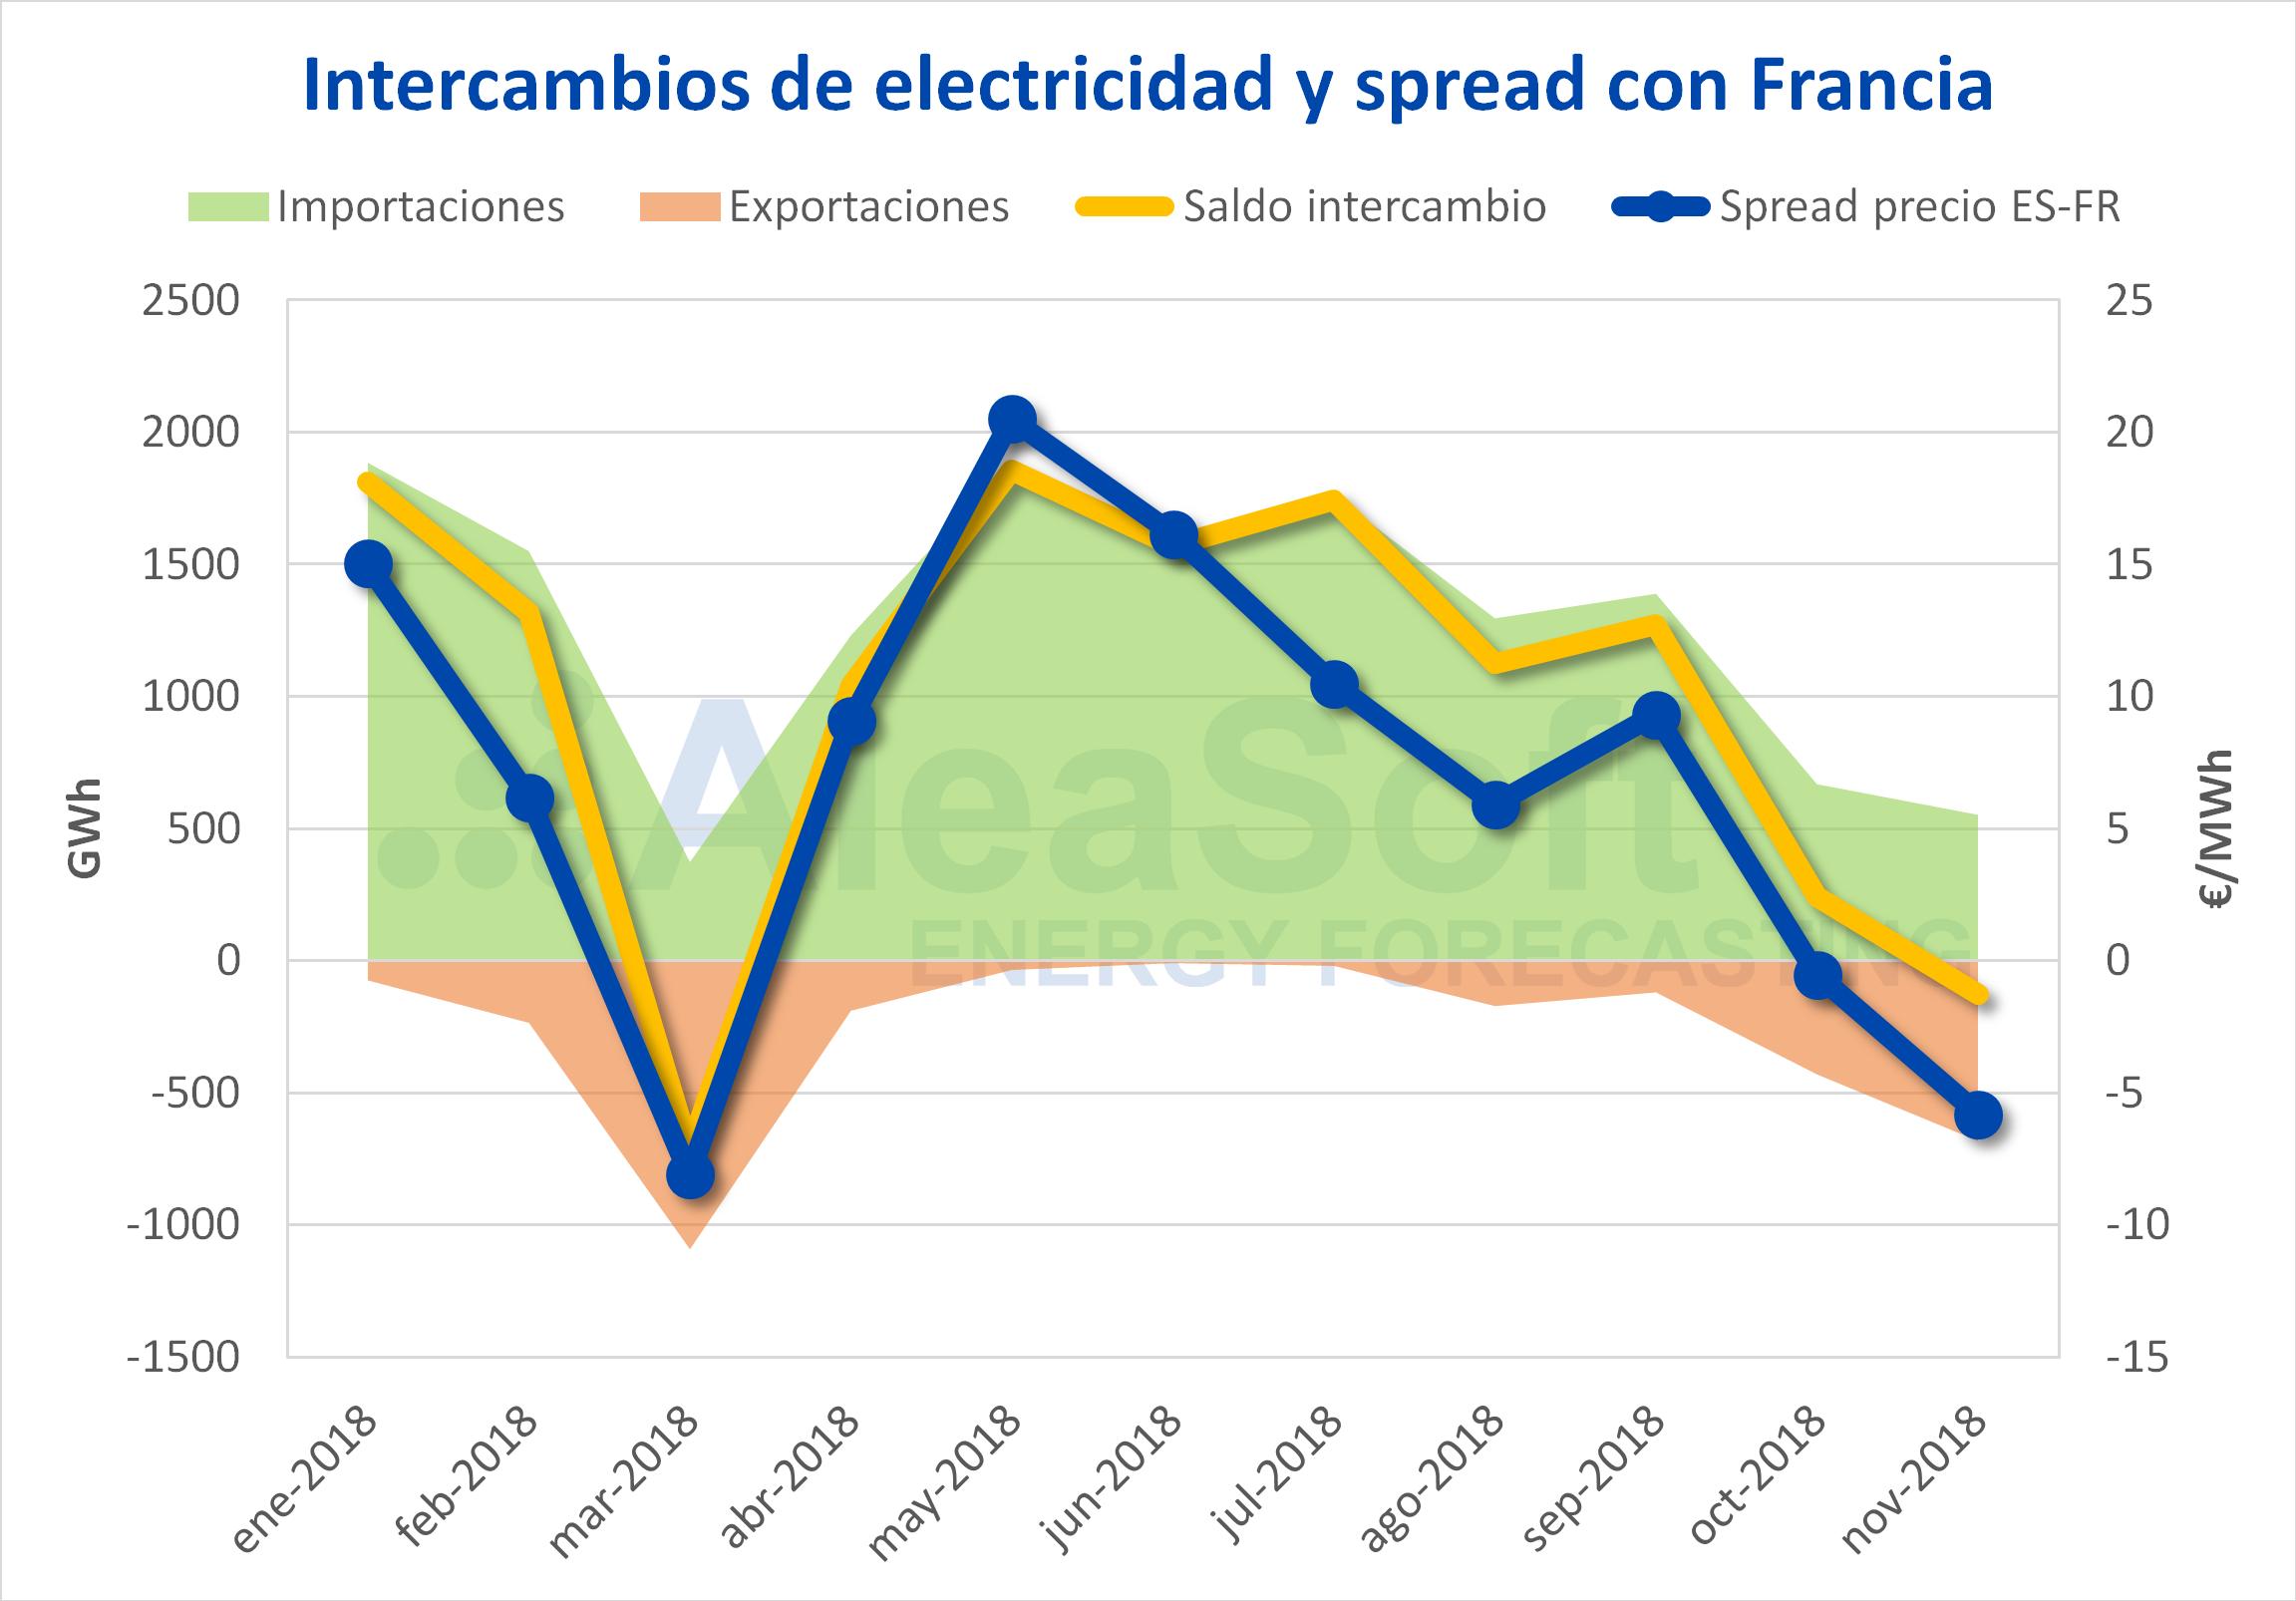 AleaSoft - Intercambio de electricidad spread España Francia